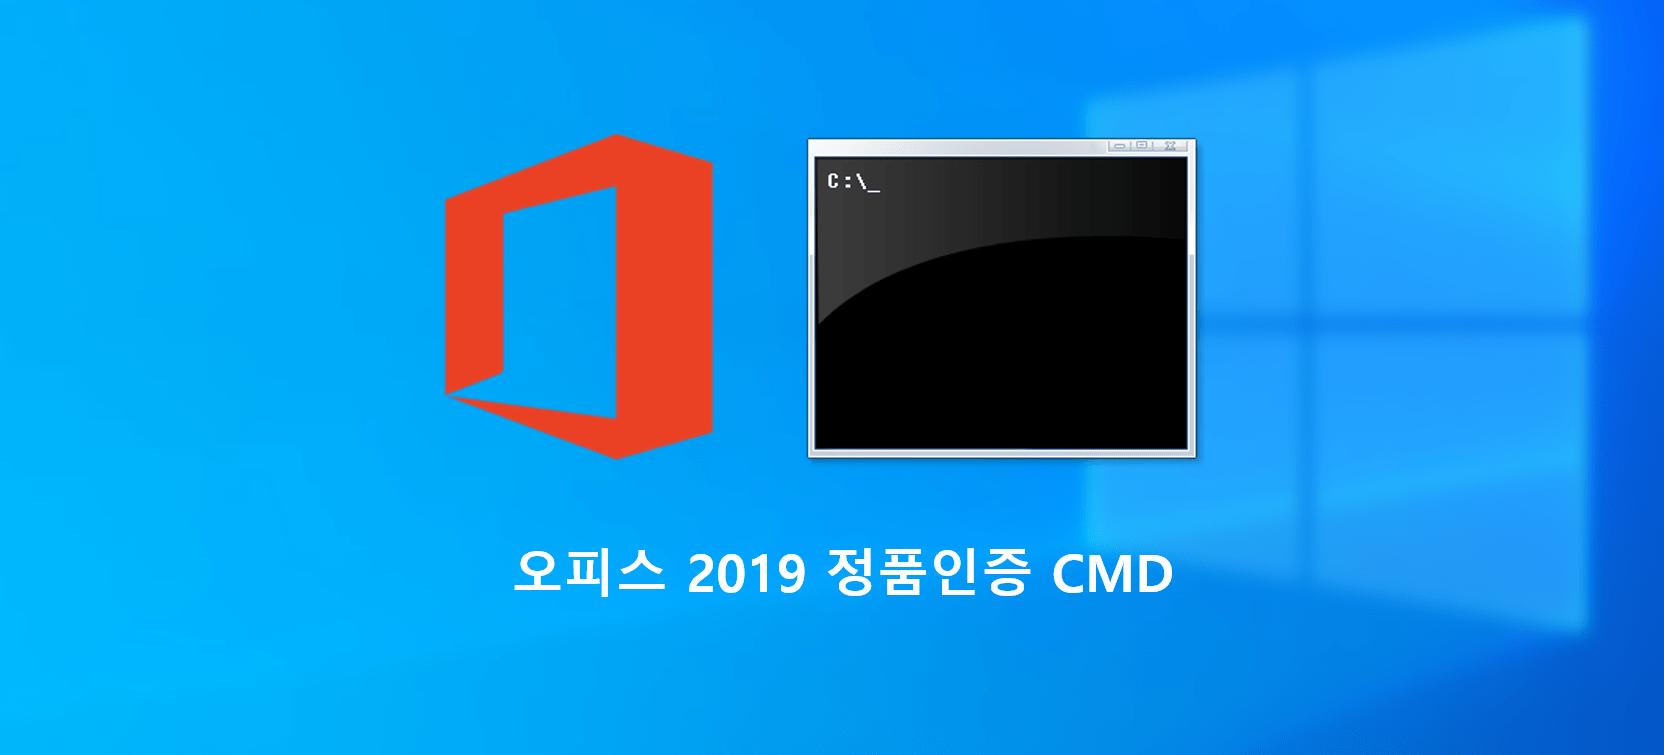 office2019 cmd logo